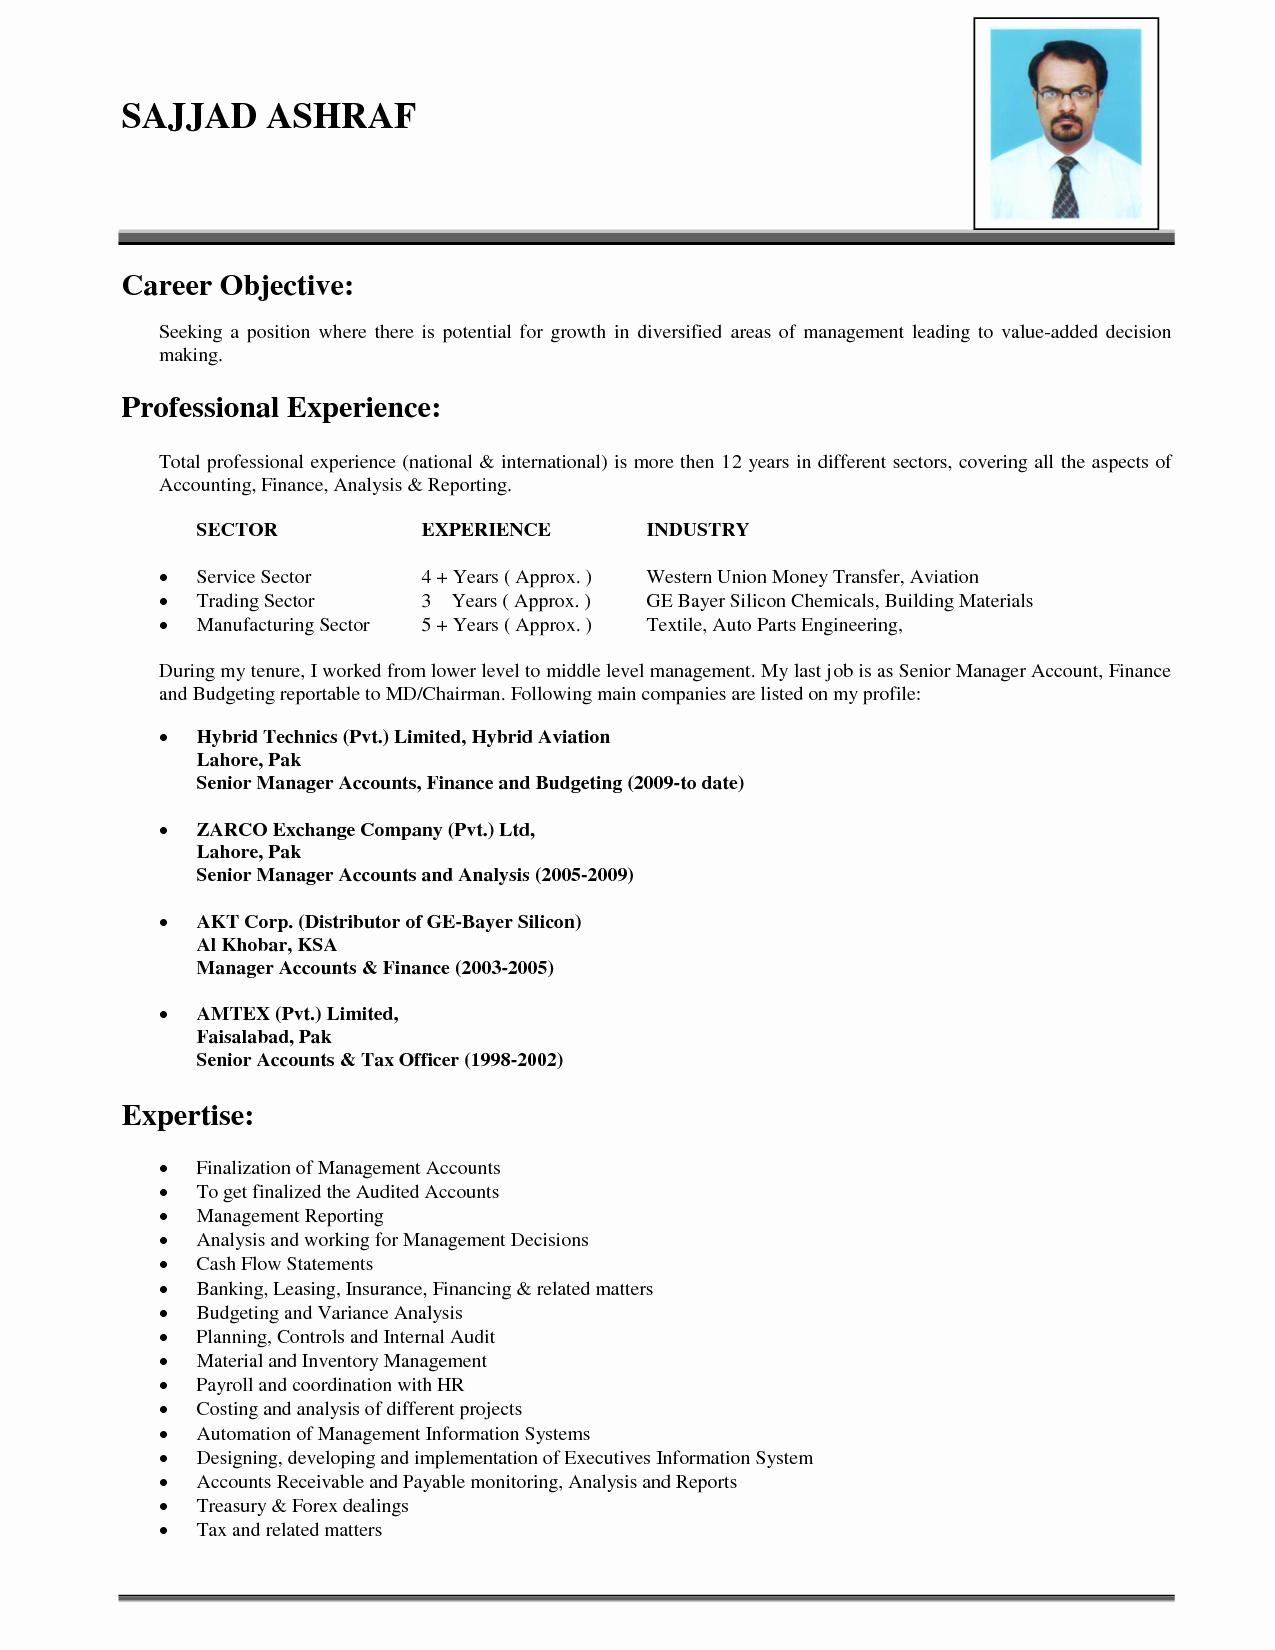 12 General Career Objective Resume Samplebusinessresume